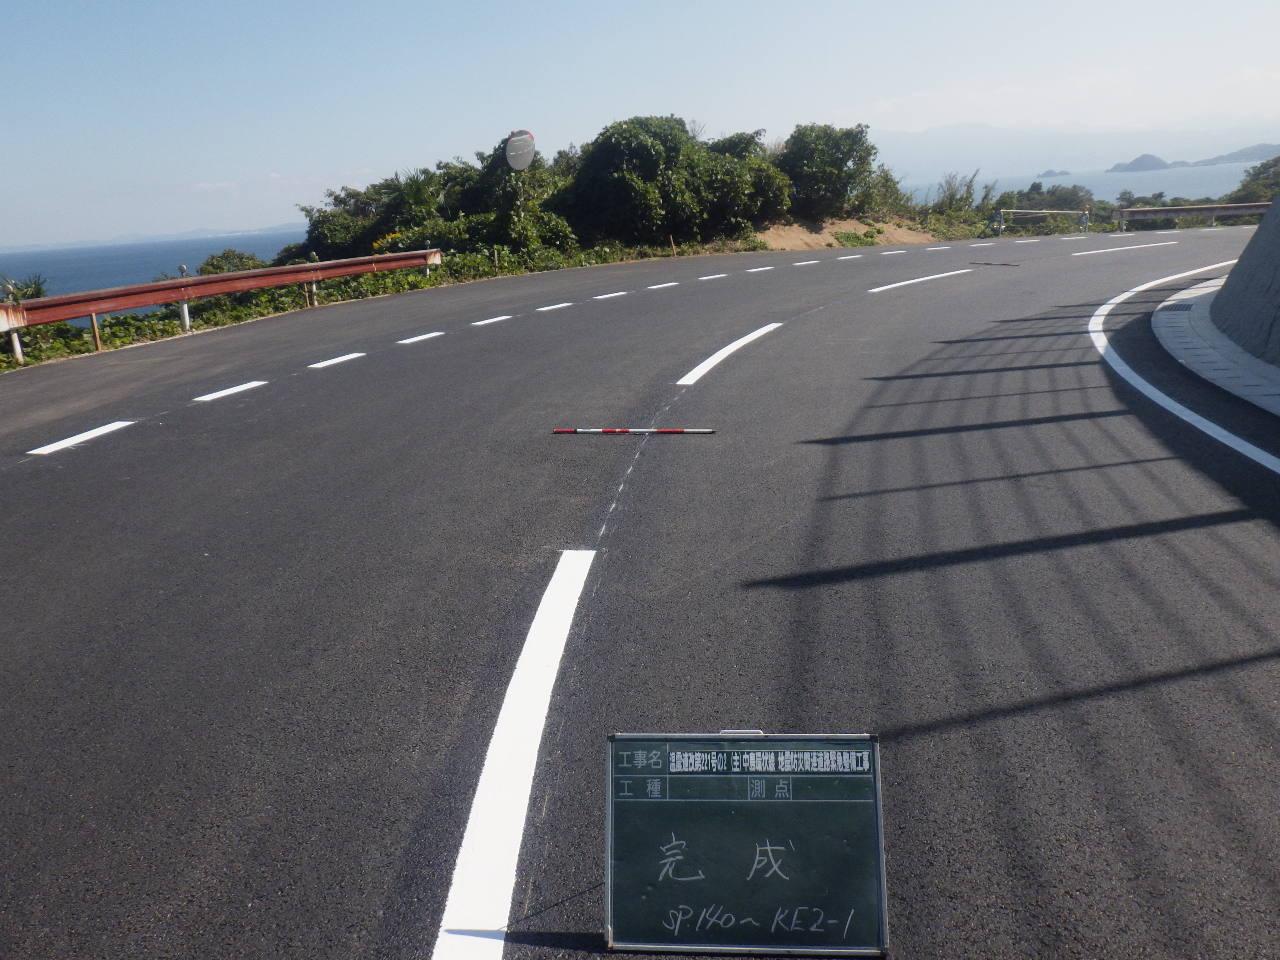 温震道改第221号の1(主)中島環状線 地震防災関連道路緊急整備工事